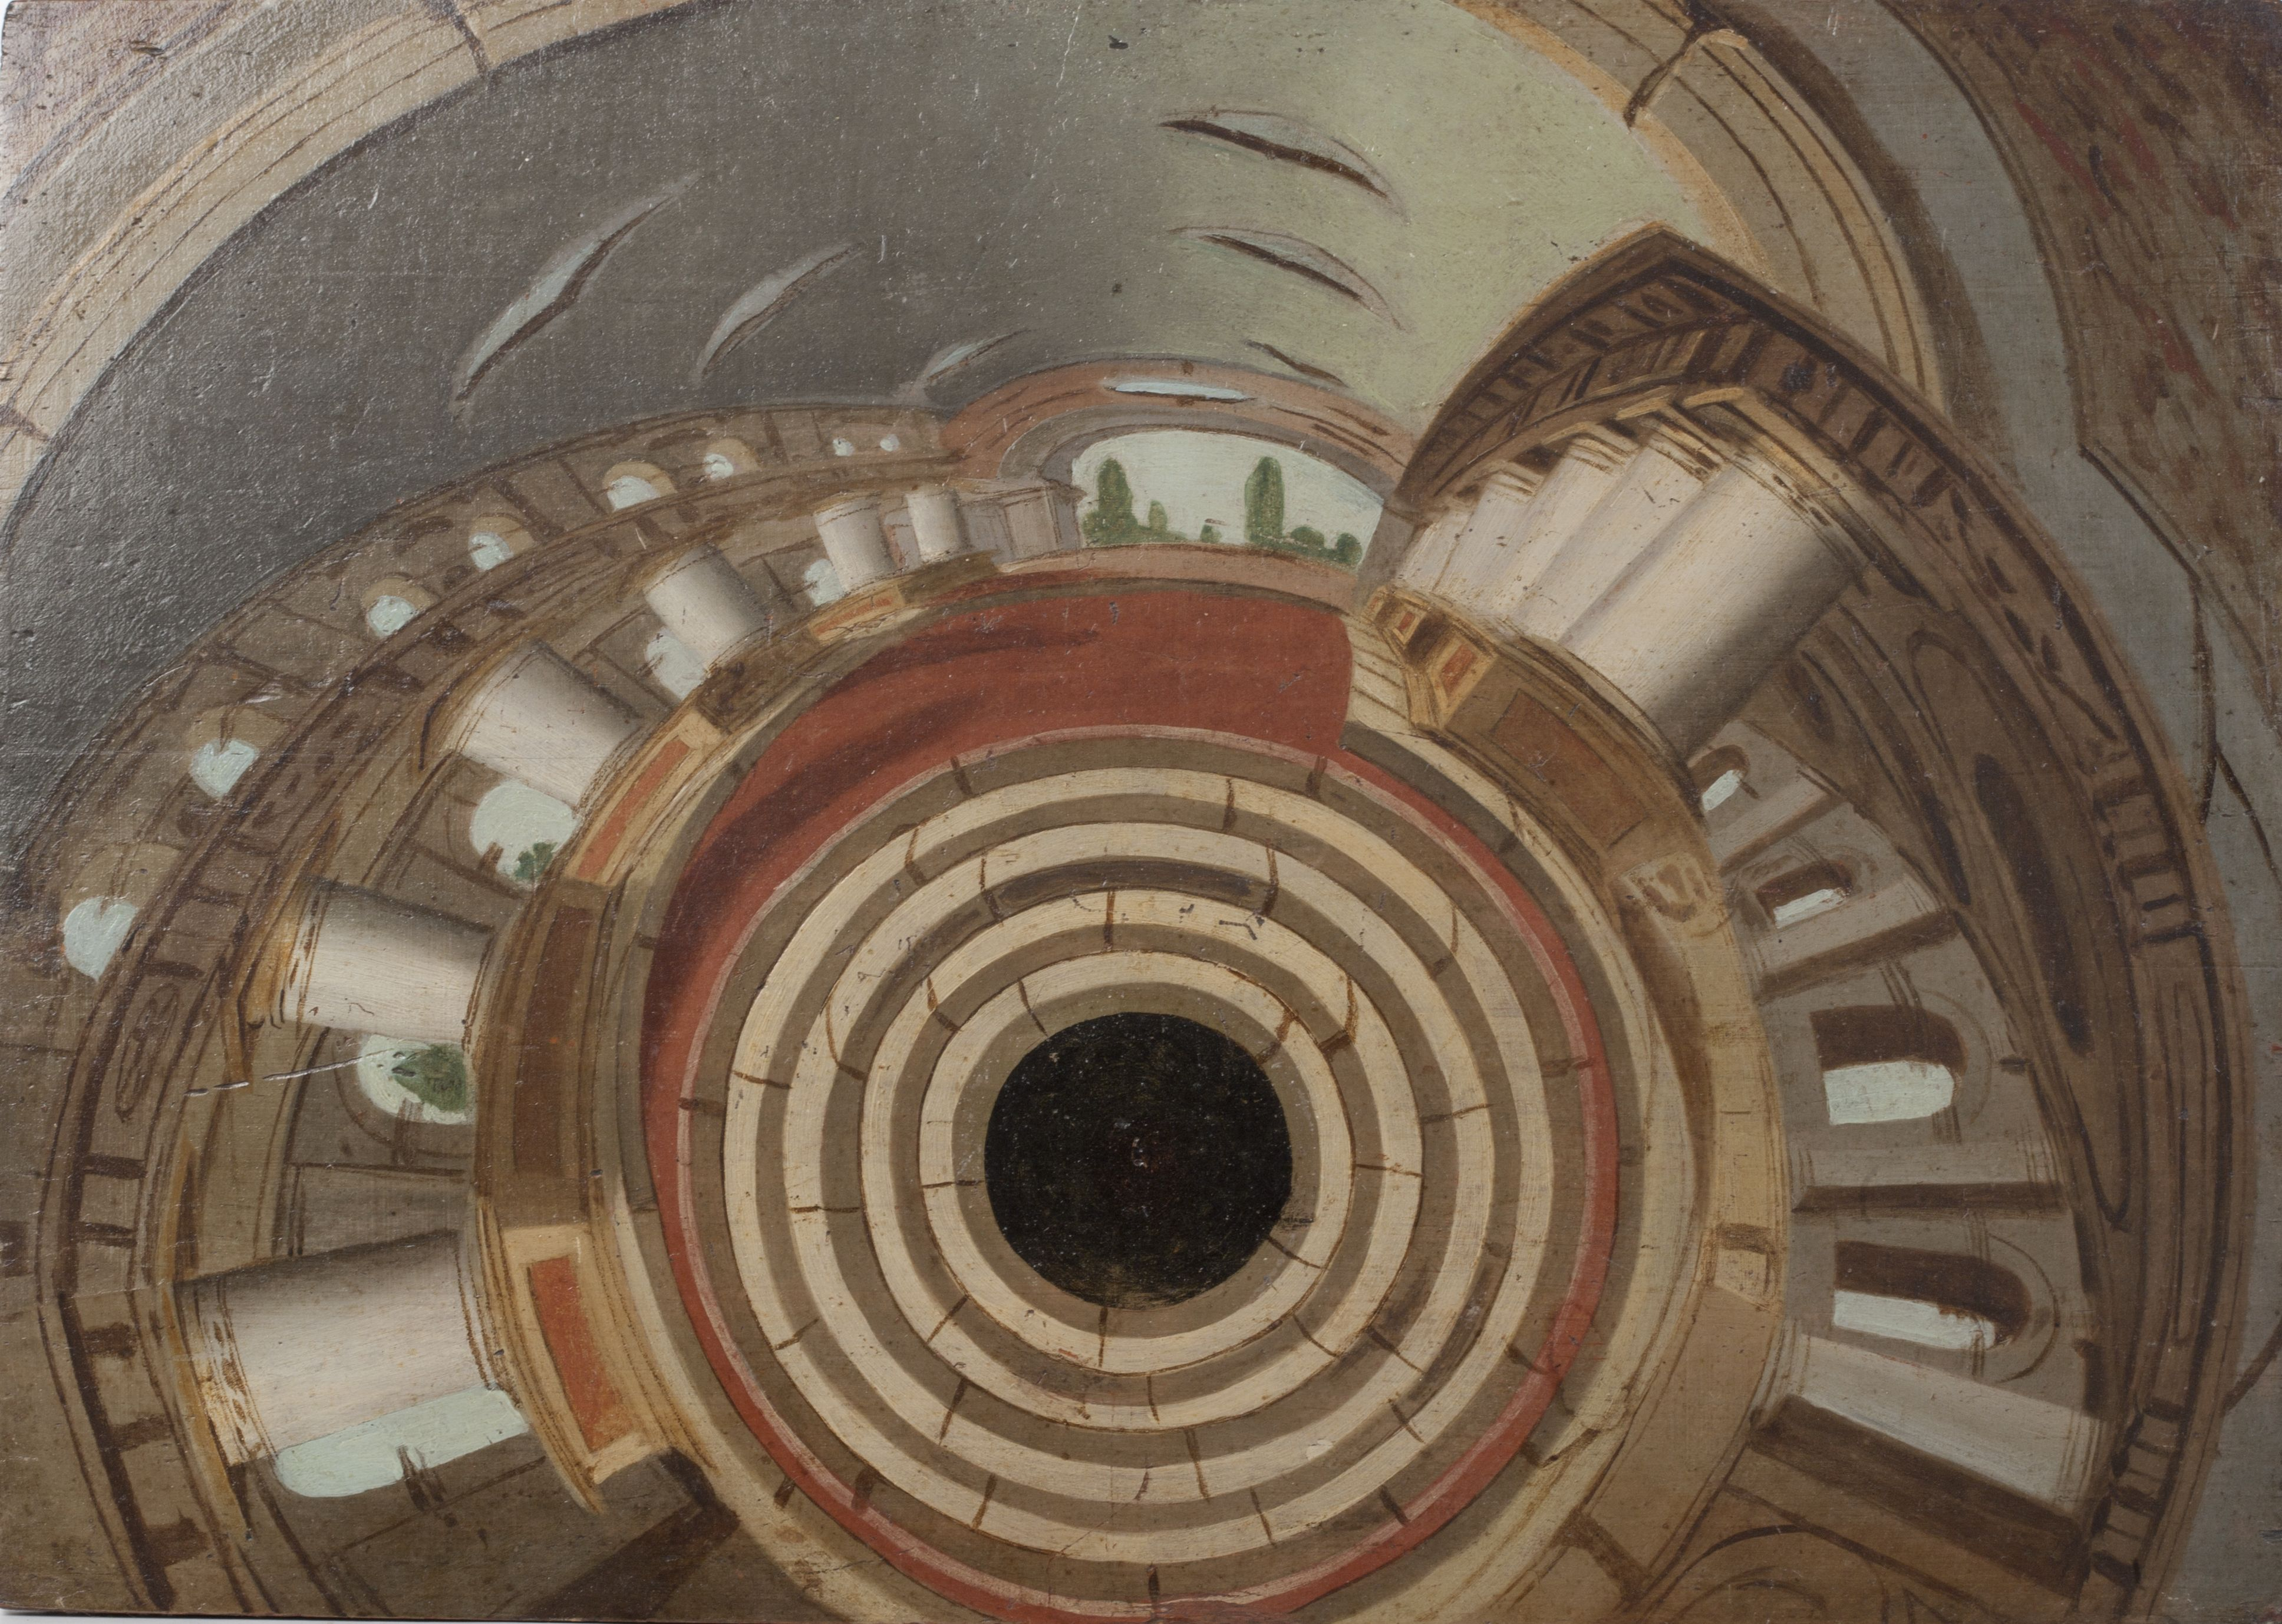 Dipinti anamorfici per specchio cilindrico dipartimento - Stereoscopio a specchi ...